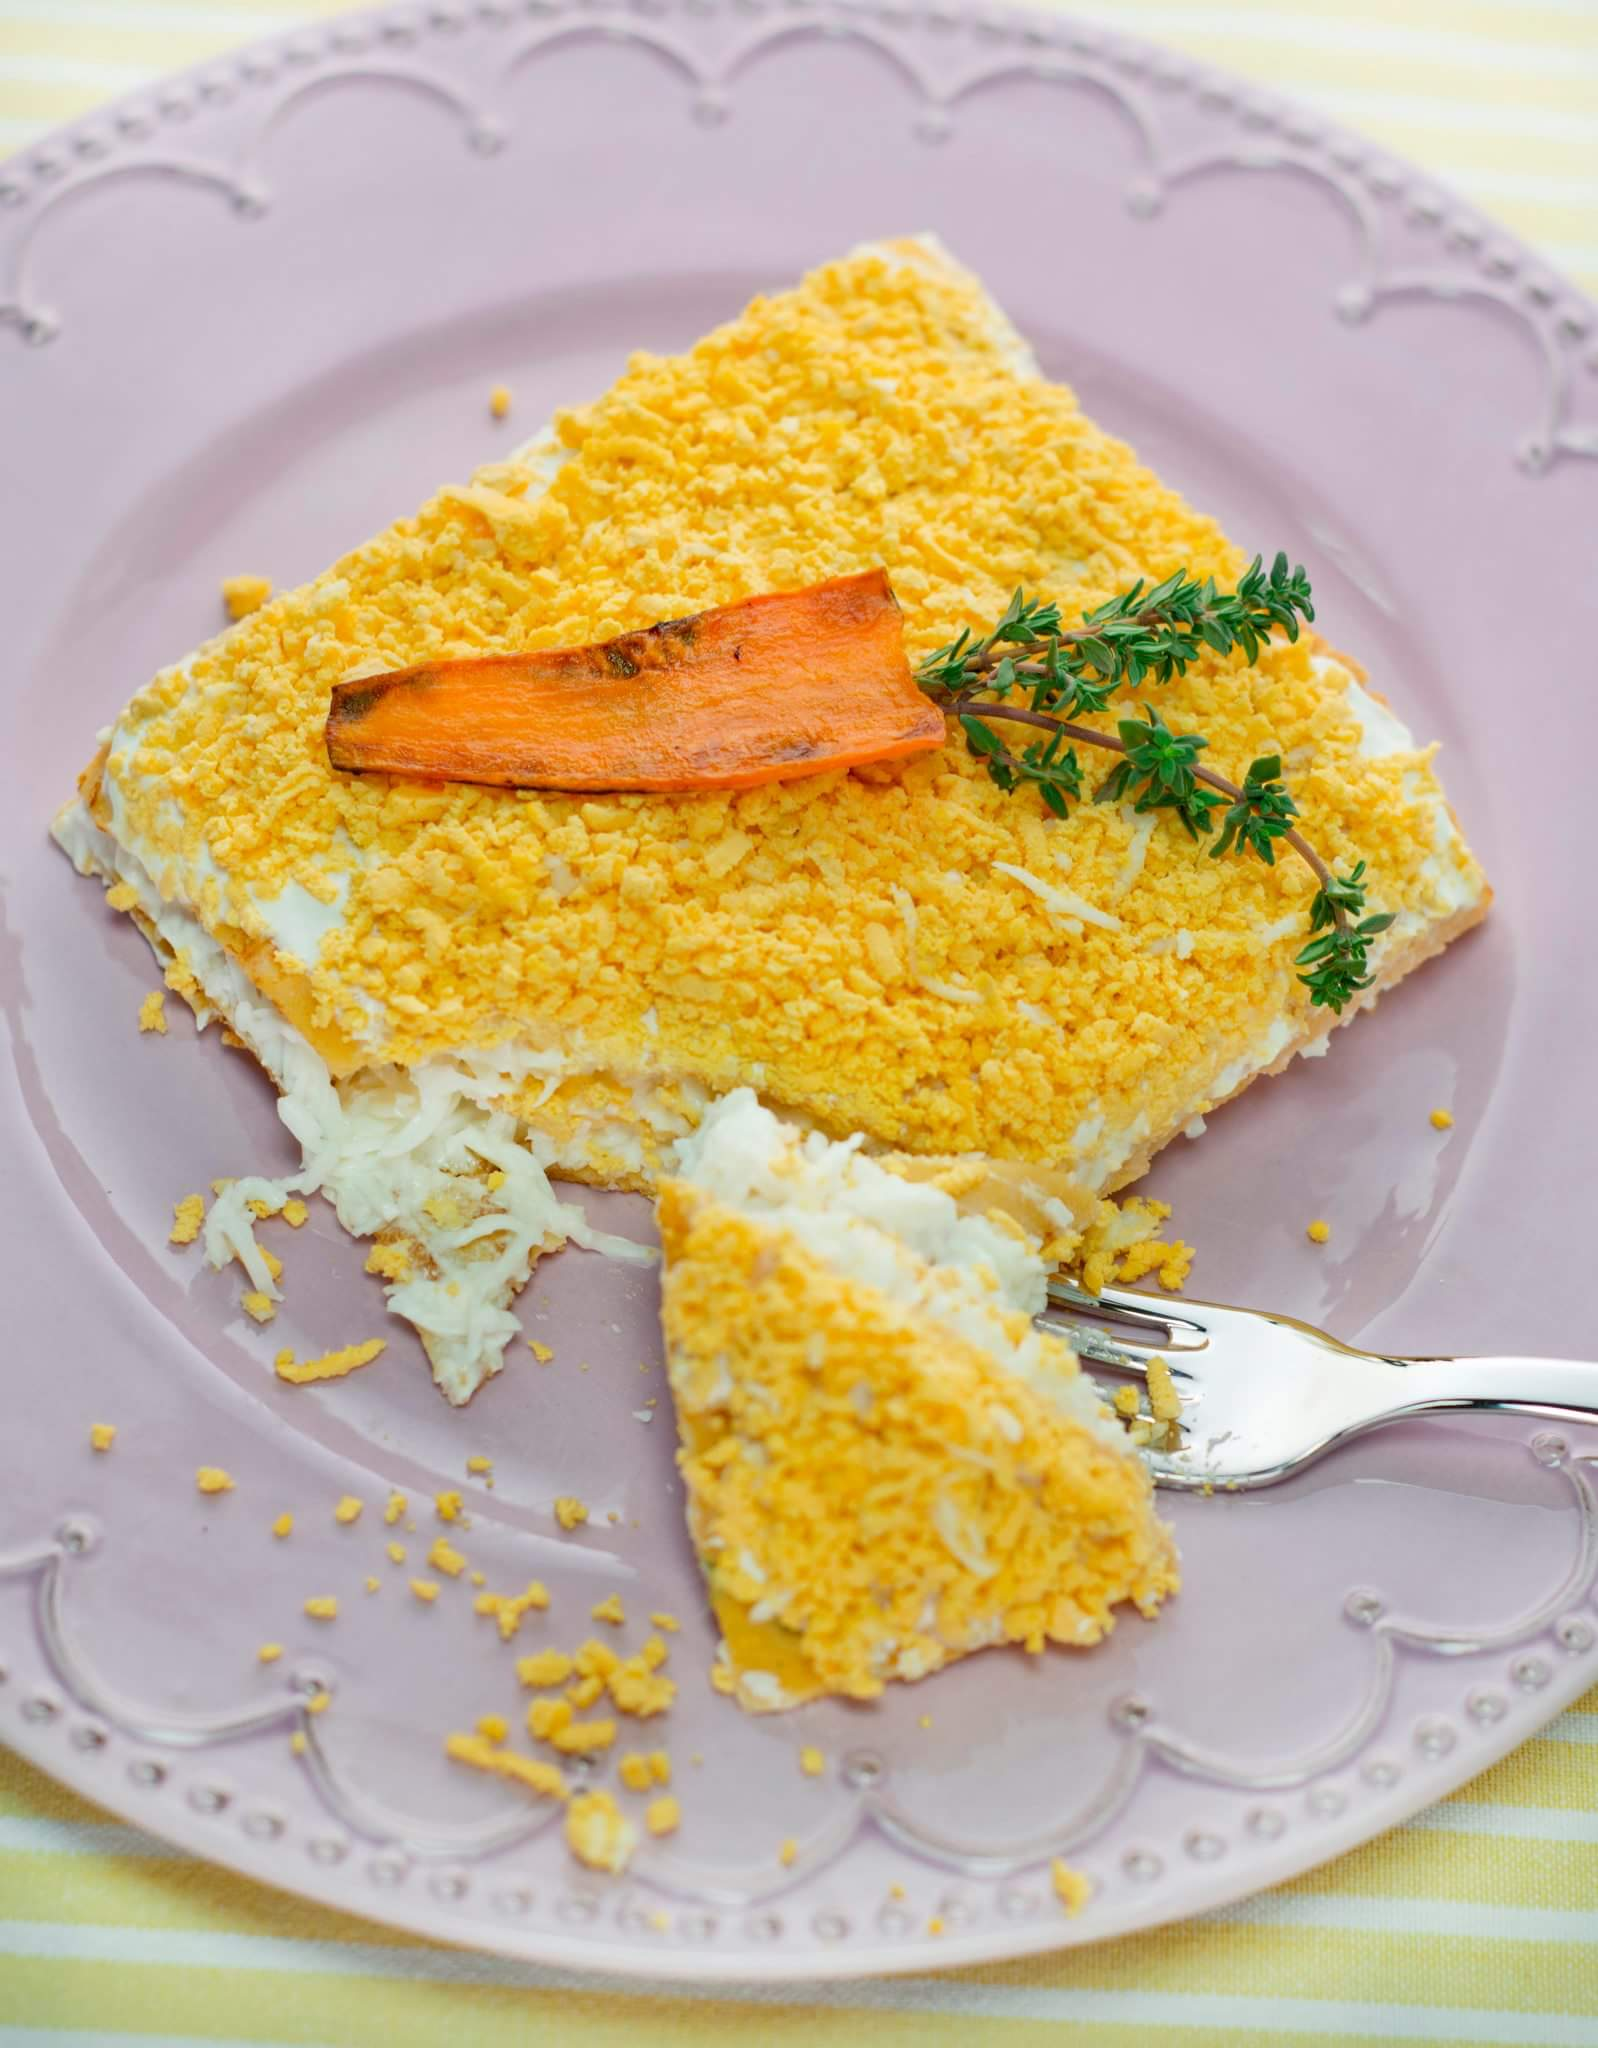 Мясной торт из кролика с яйцом, морковью и сметаной